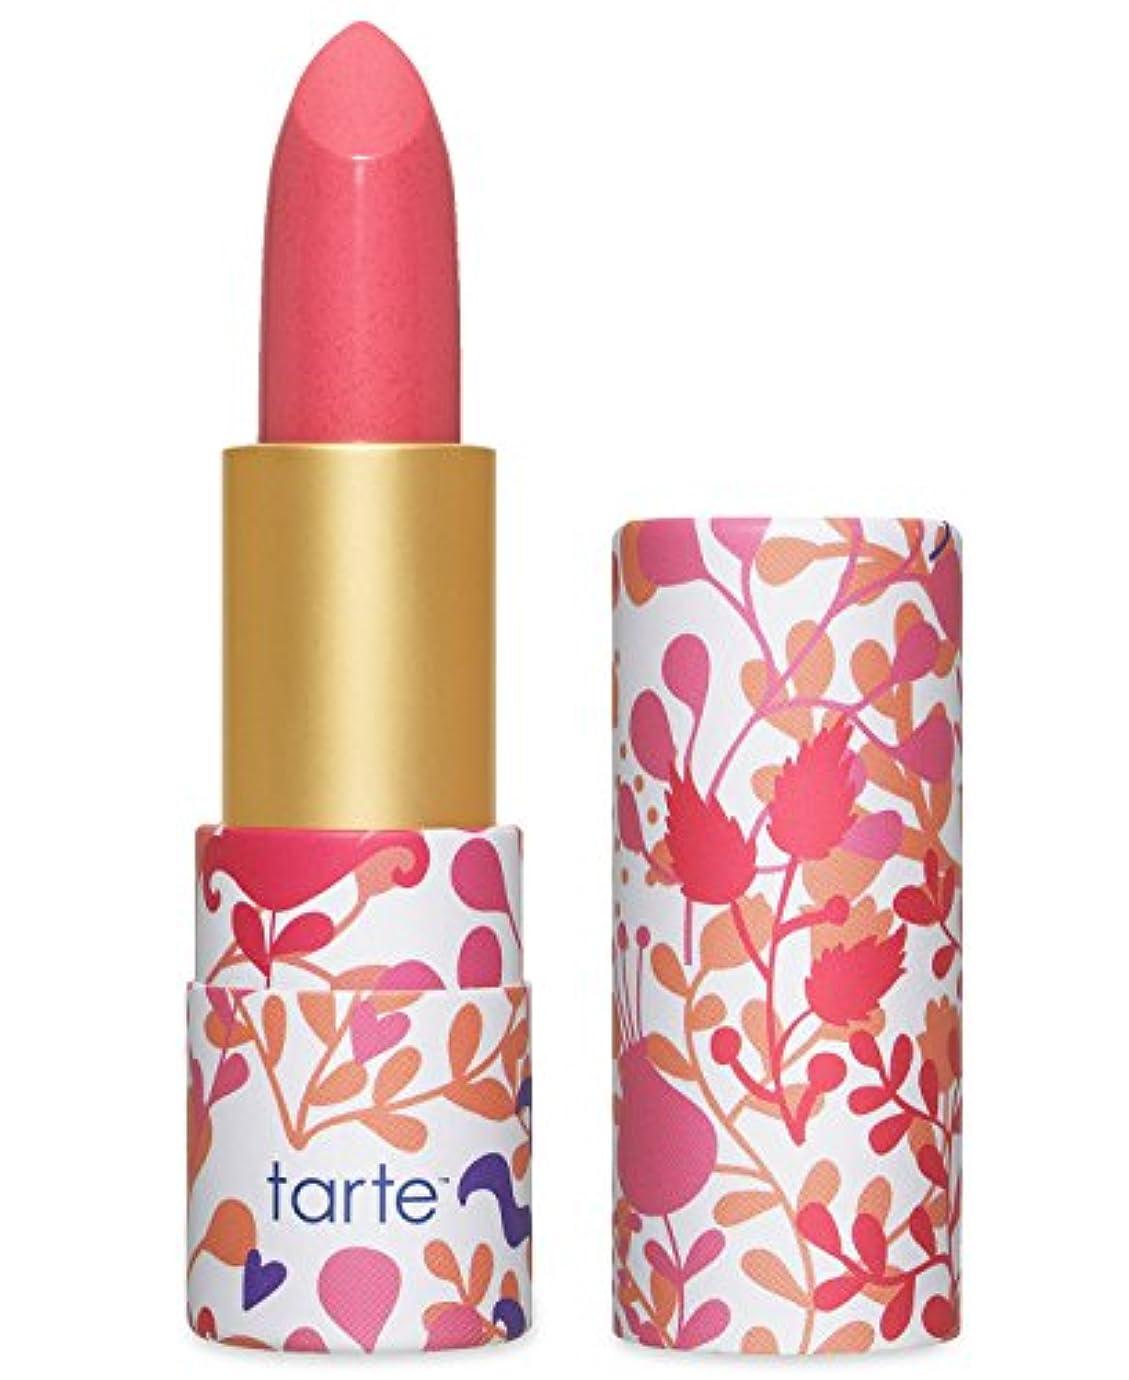 ロースト休憩する必須Tarte Amazonian Butter Lipstick ターテ アマゾニアン バターリップステック Pink Peony [並行輸入品]